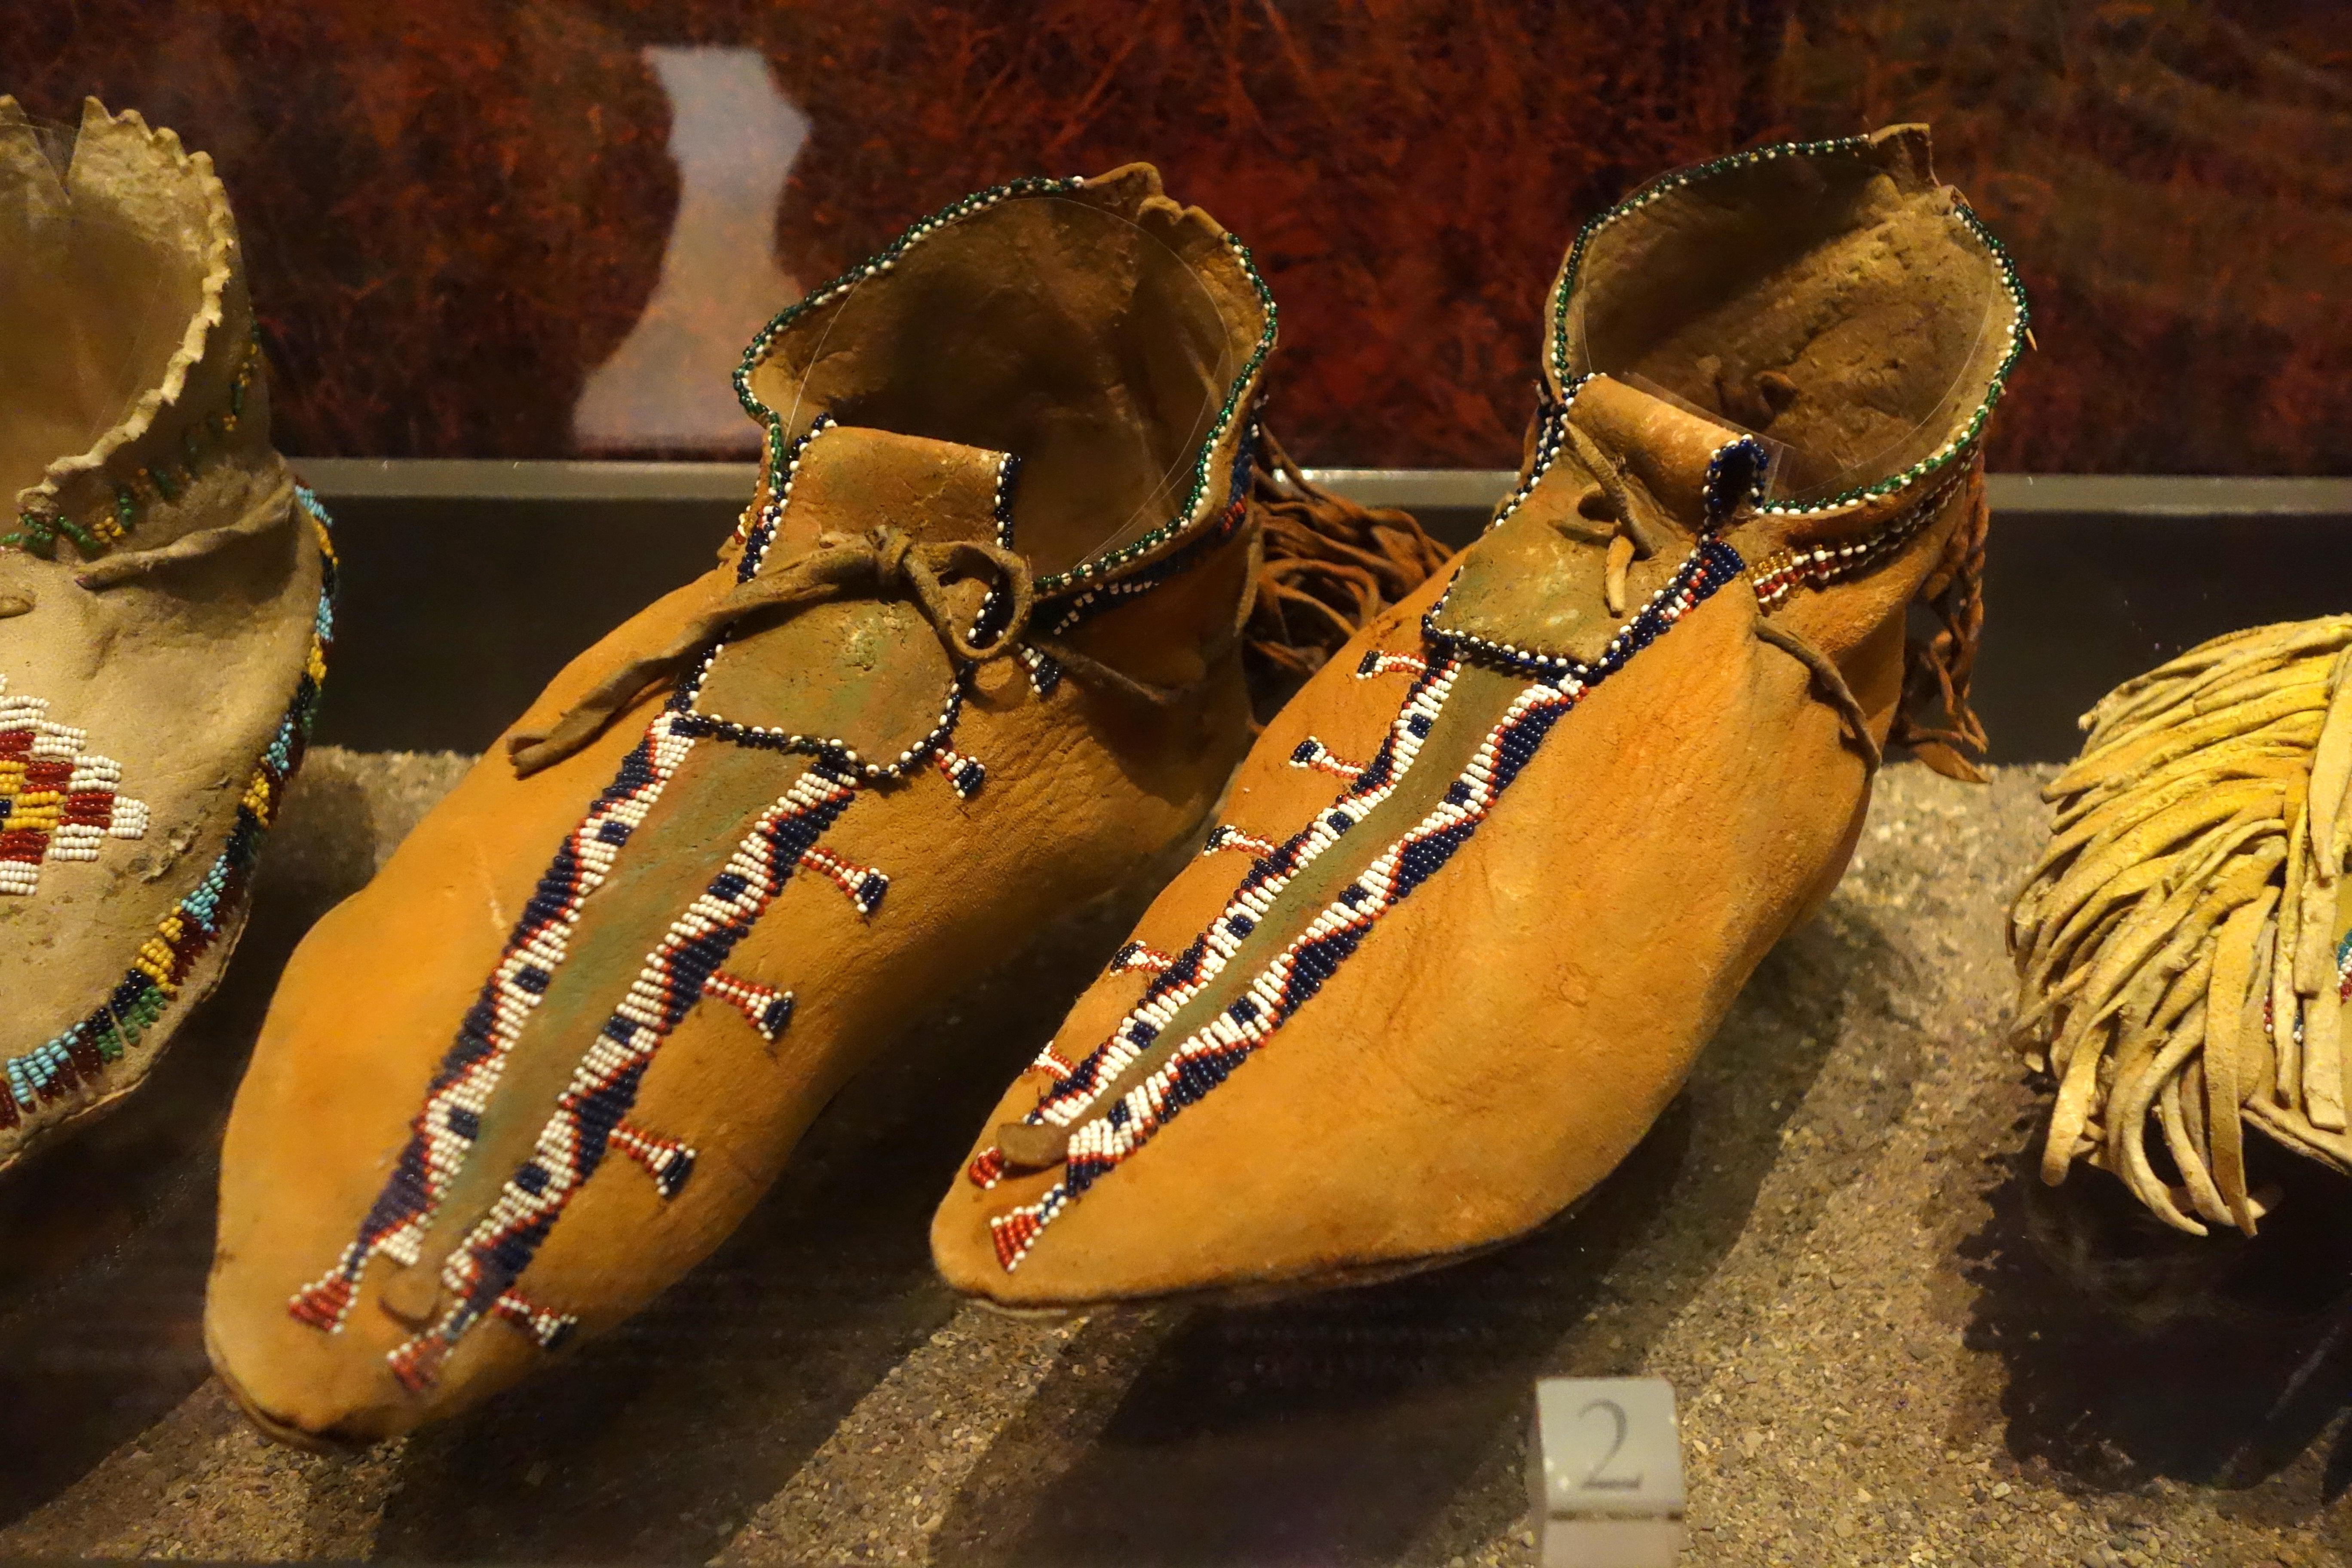 C D Shoe Size >> File:Jicarilla or Mescalero Apache moccasins, c. 1885 - Bata Shoe Museum - DSC00520.JPG ...